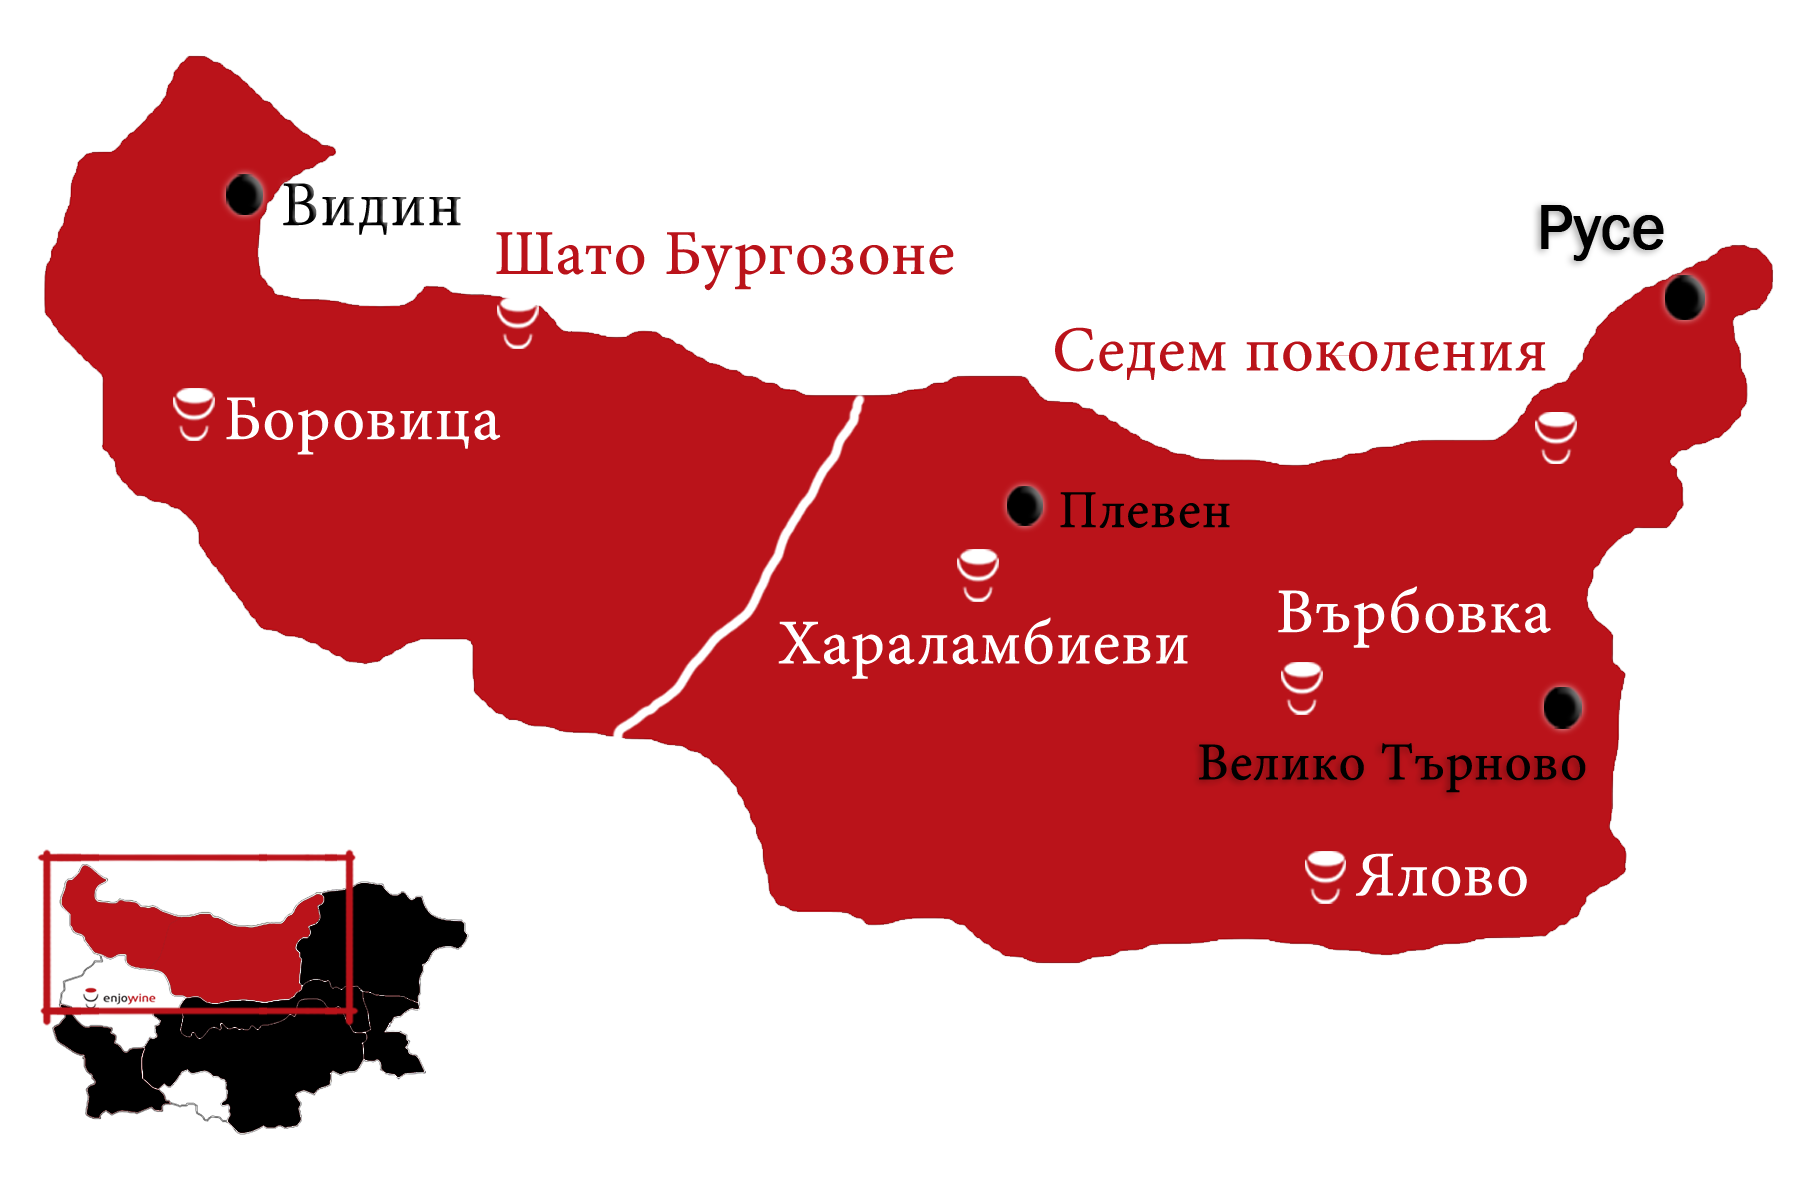 Dunavska ravnina